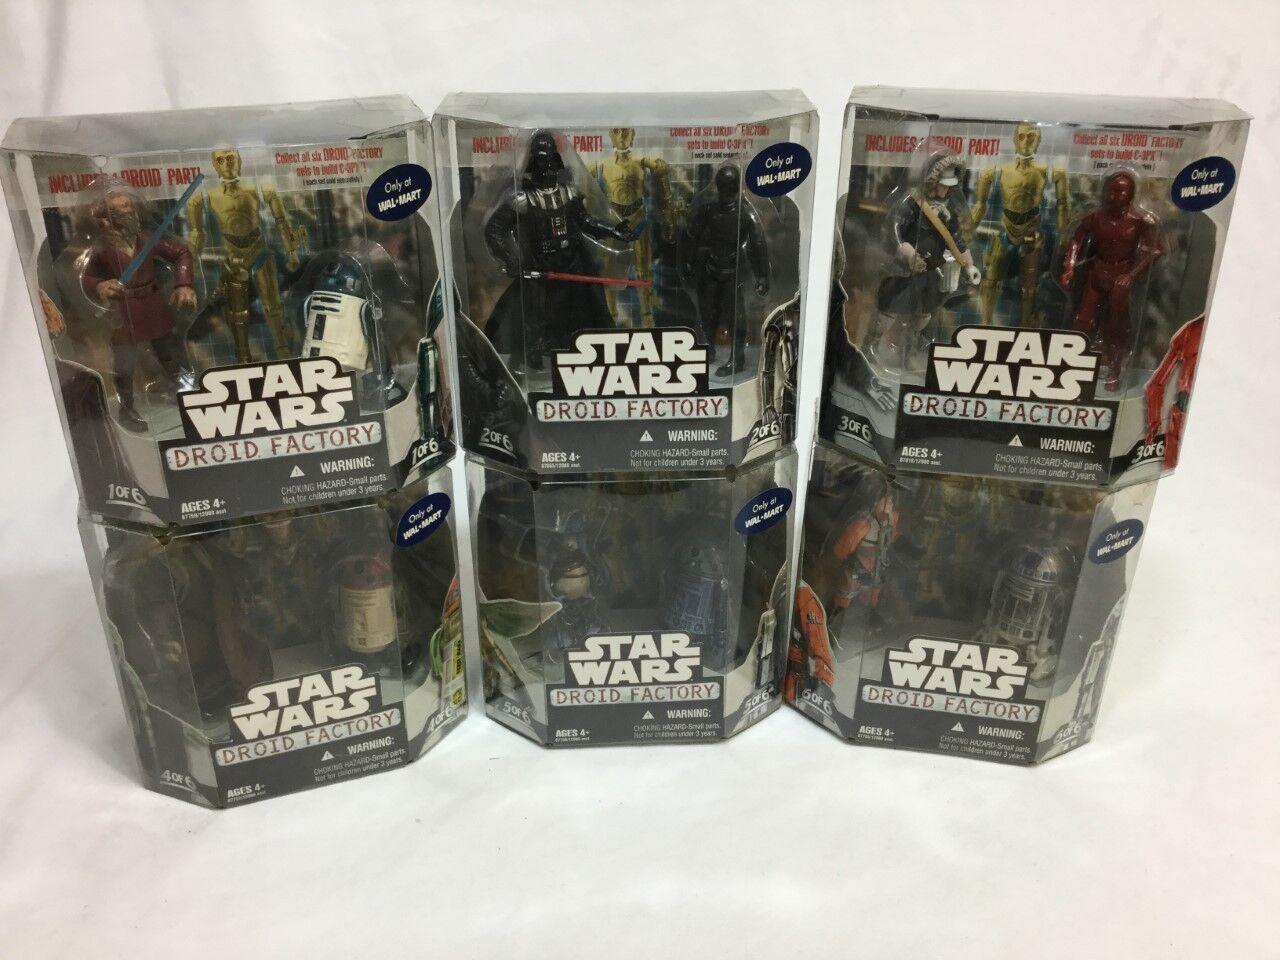 Star Wars Droid Factory 2018 WalMart exclusivo Set Completo En Caja Sellada freeshp